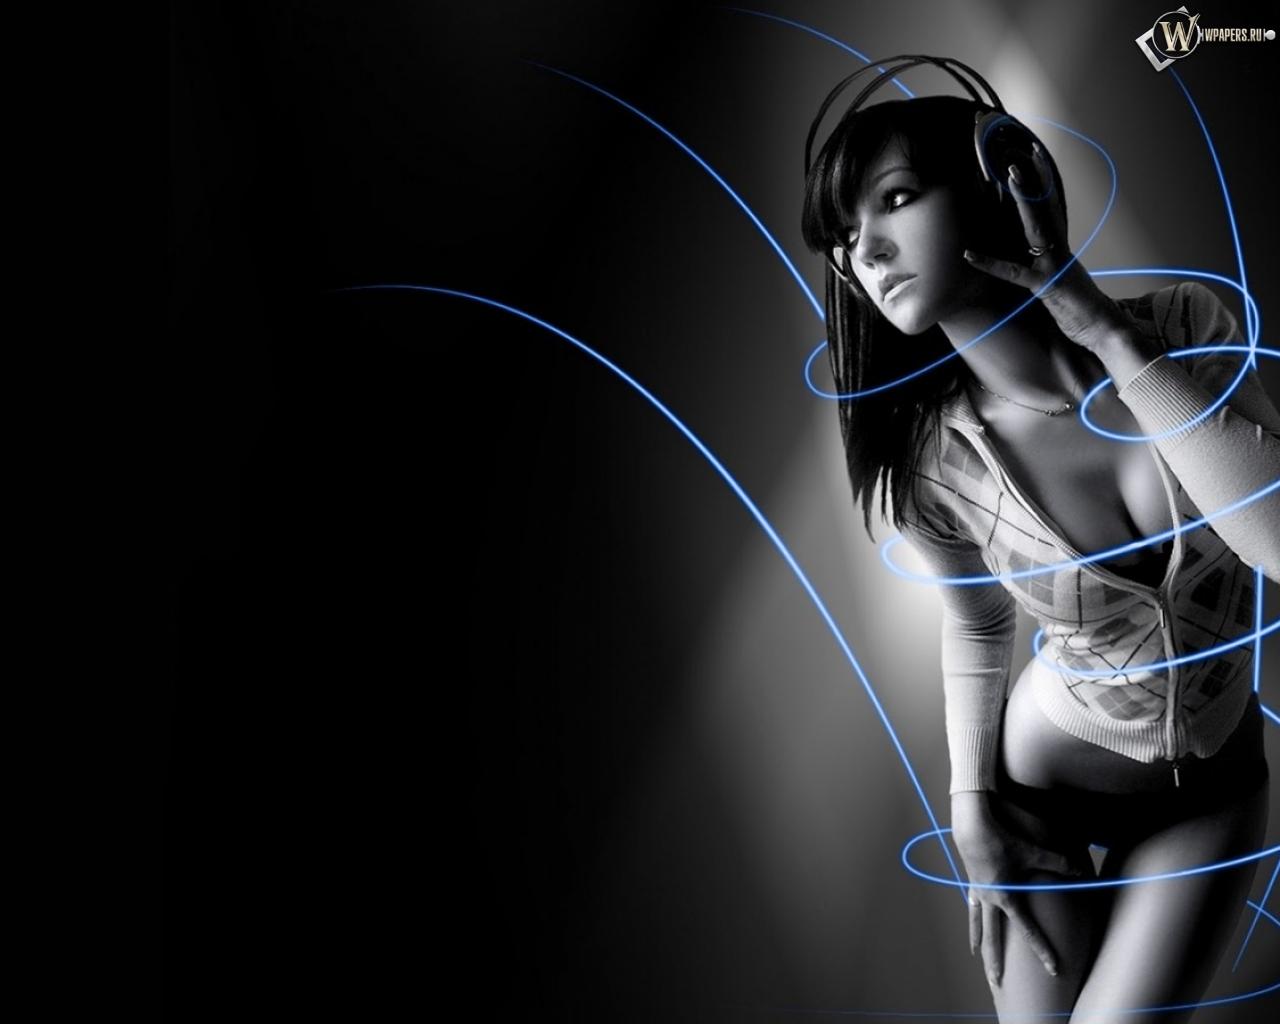 Симпотичная девушка в наушниках 1280x1024